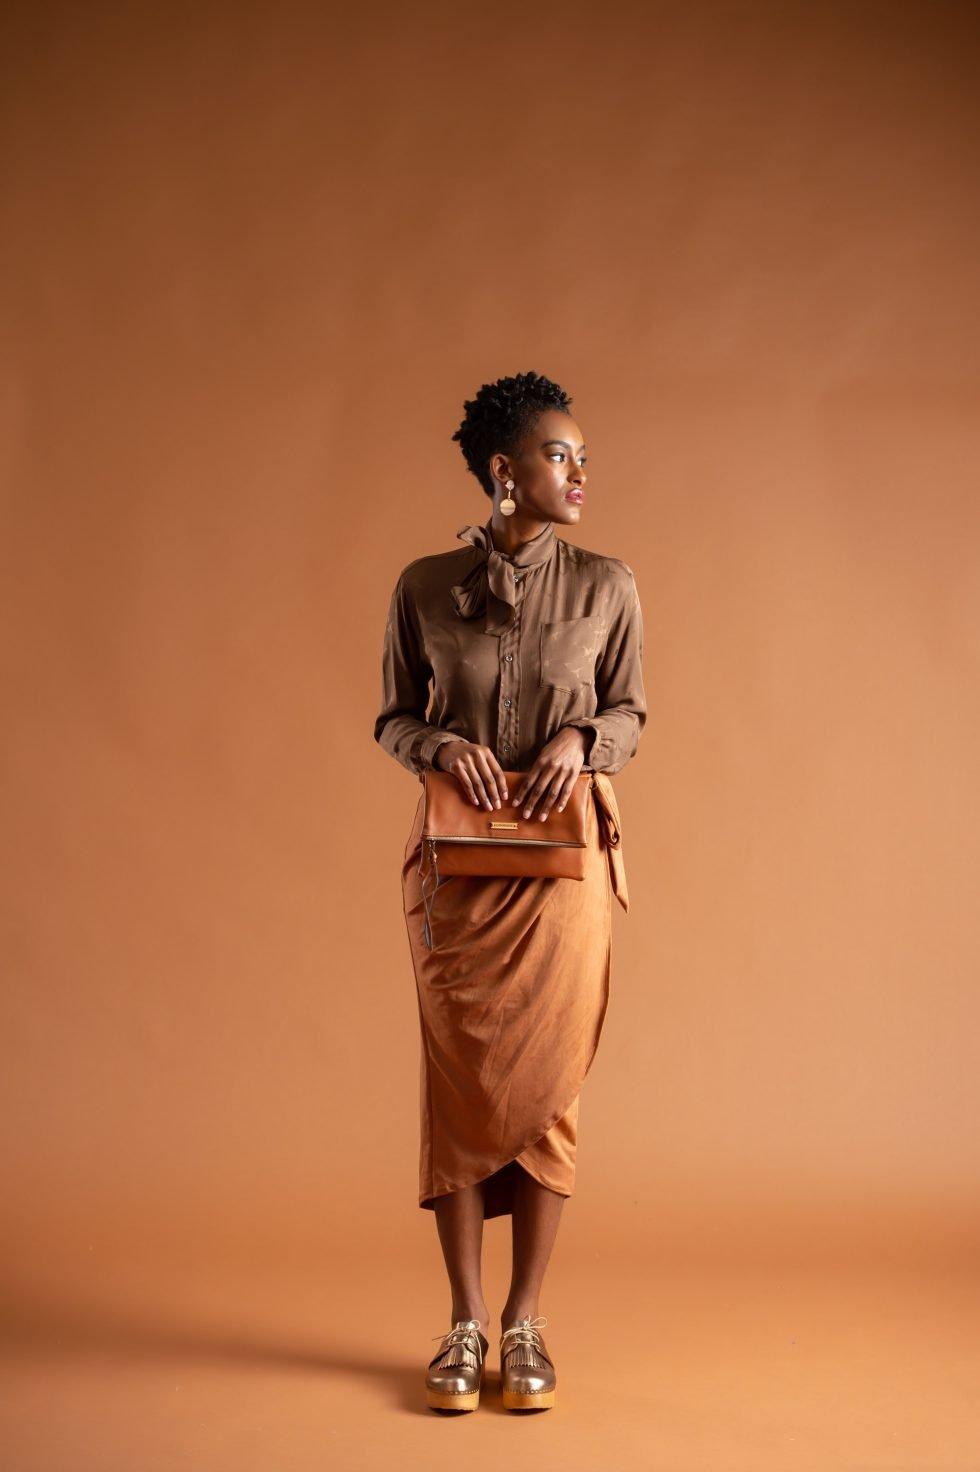 Chloe-Jackman-Photography-Sustainble-Clothing-shoot-2021-86